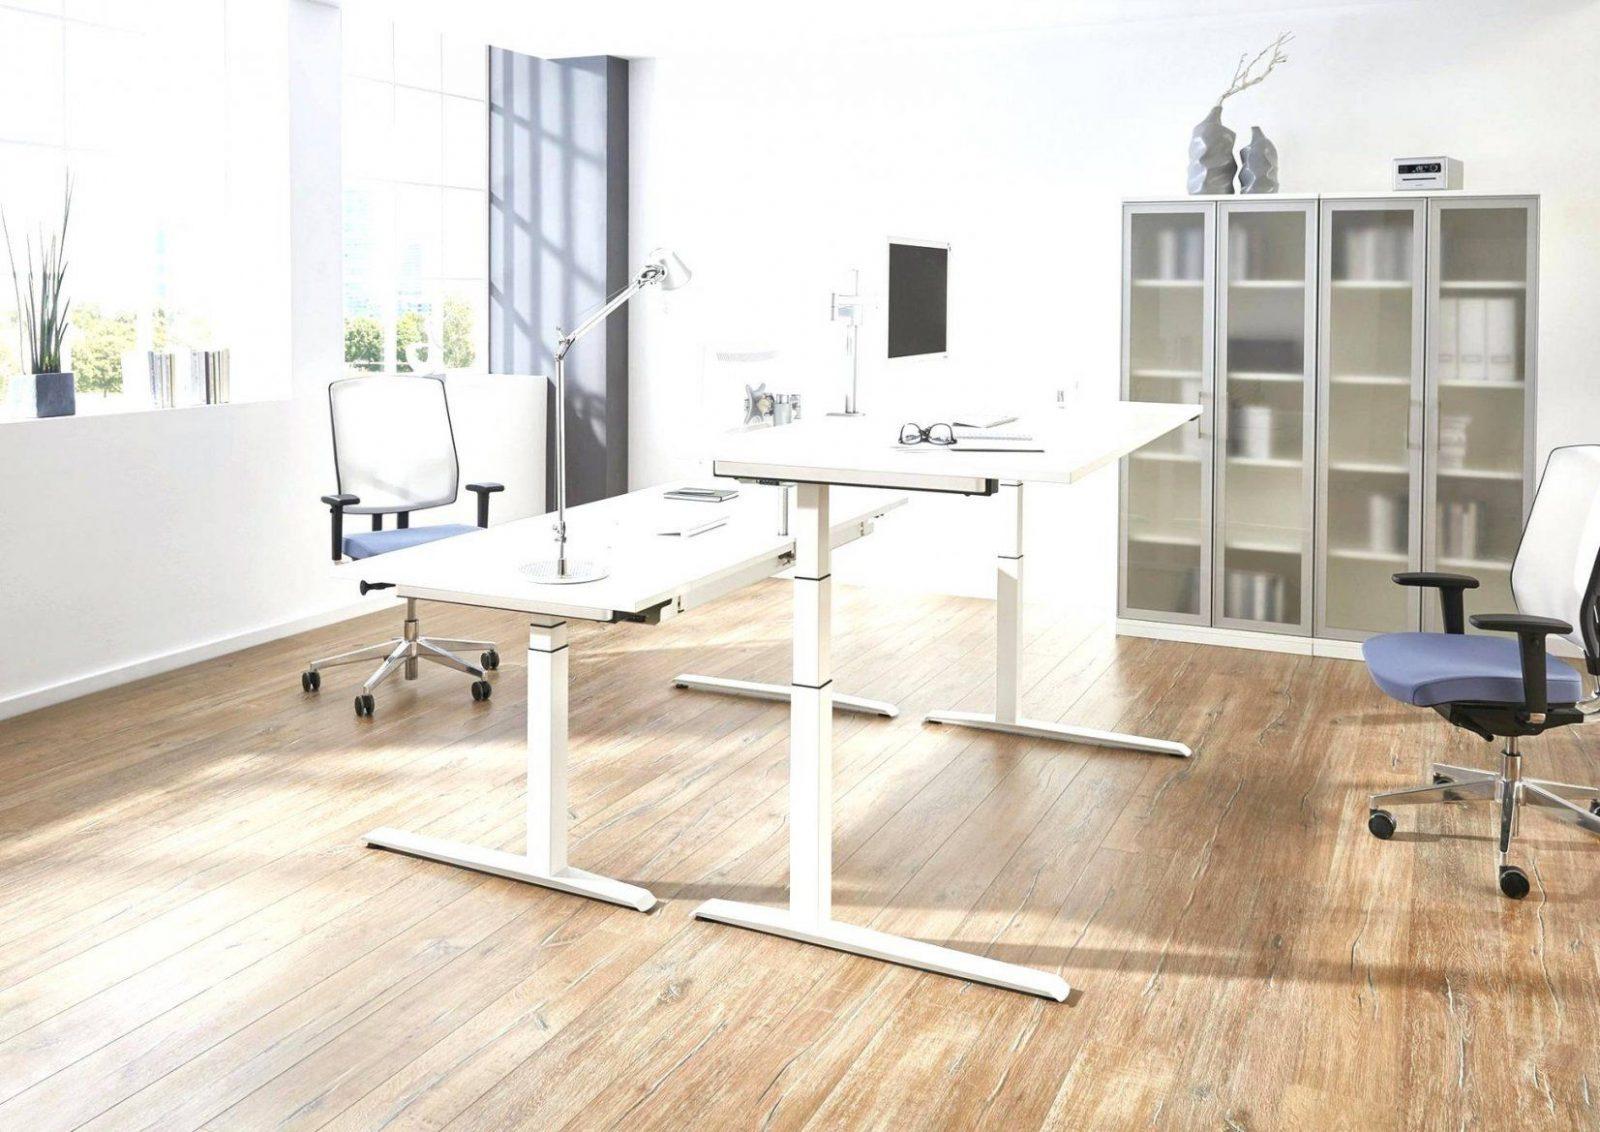 Wohnideen  Awesome Schreibtisch Selber Bauen Arbeitsplatte Wohnideens von Designer Schreibtisch Selber Bauen Bild